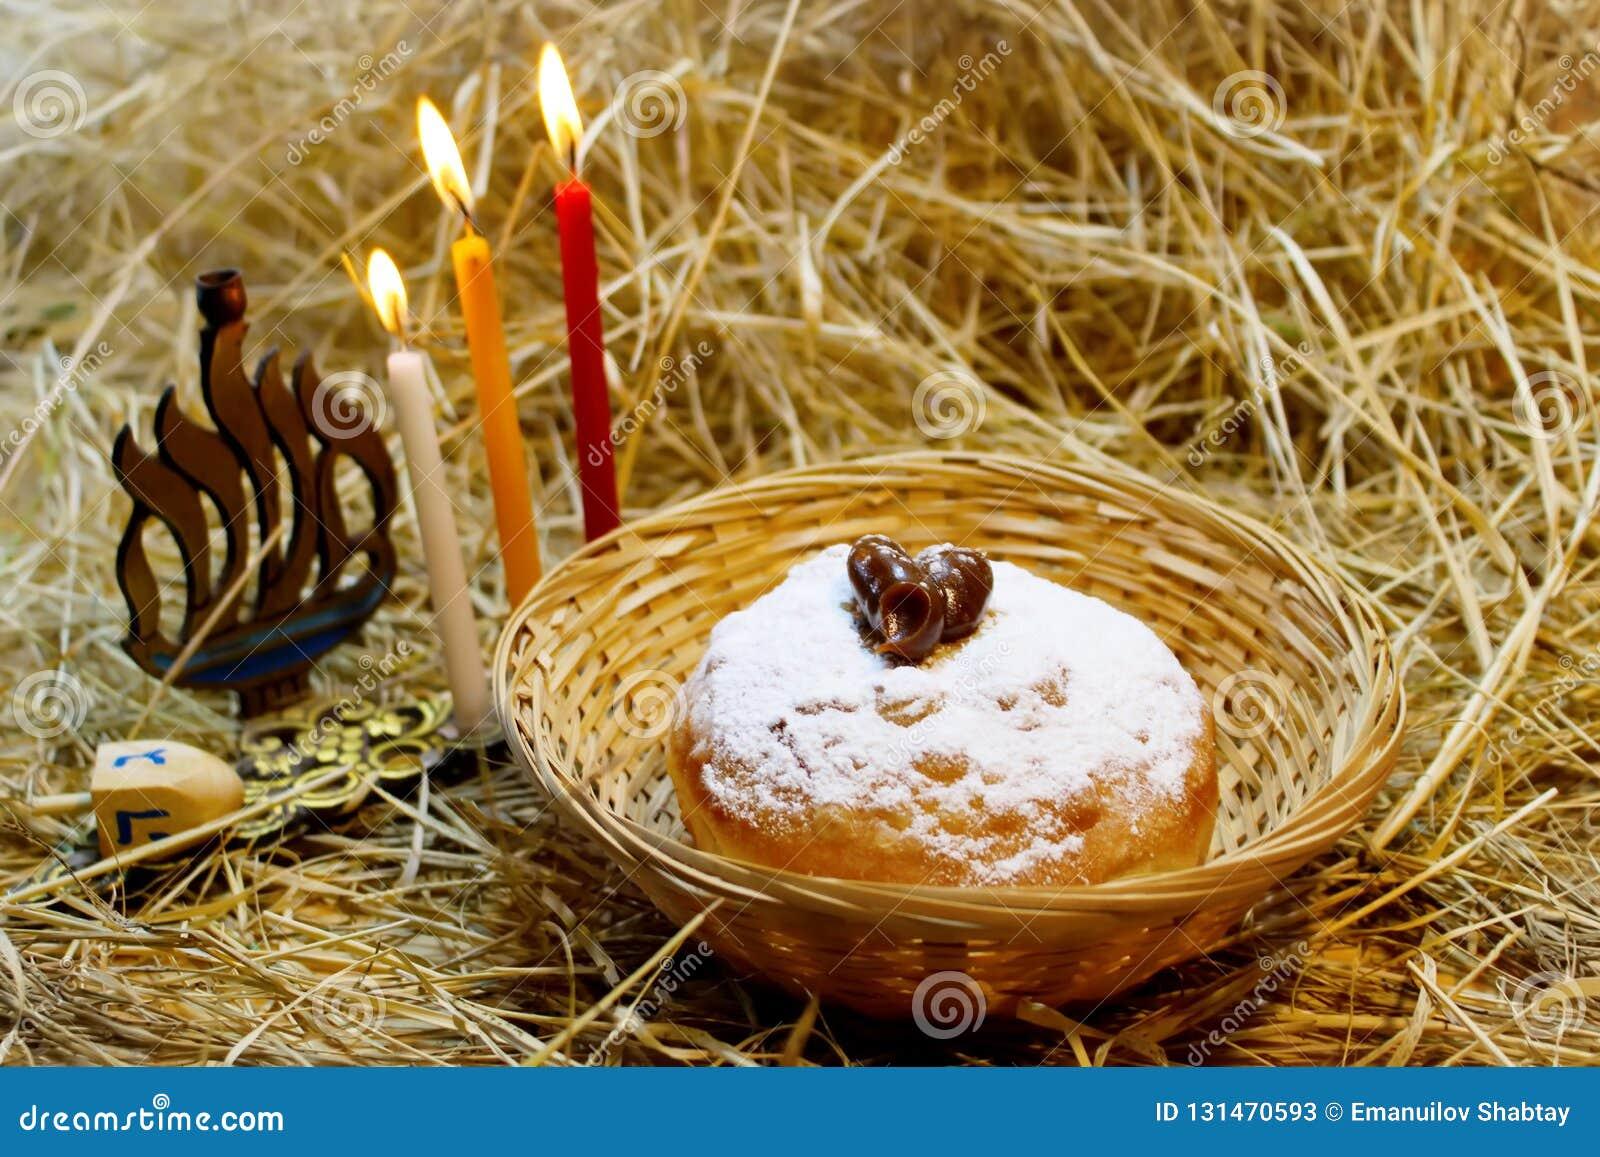 Symboles de Hanoucca : Hanoucca Sufganiyah, Hanoucca Menorah, Hanoucca Dreidels